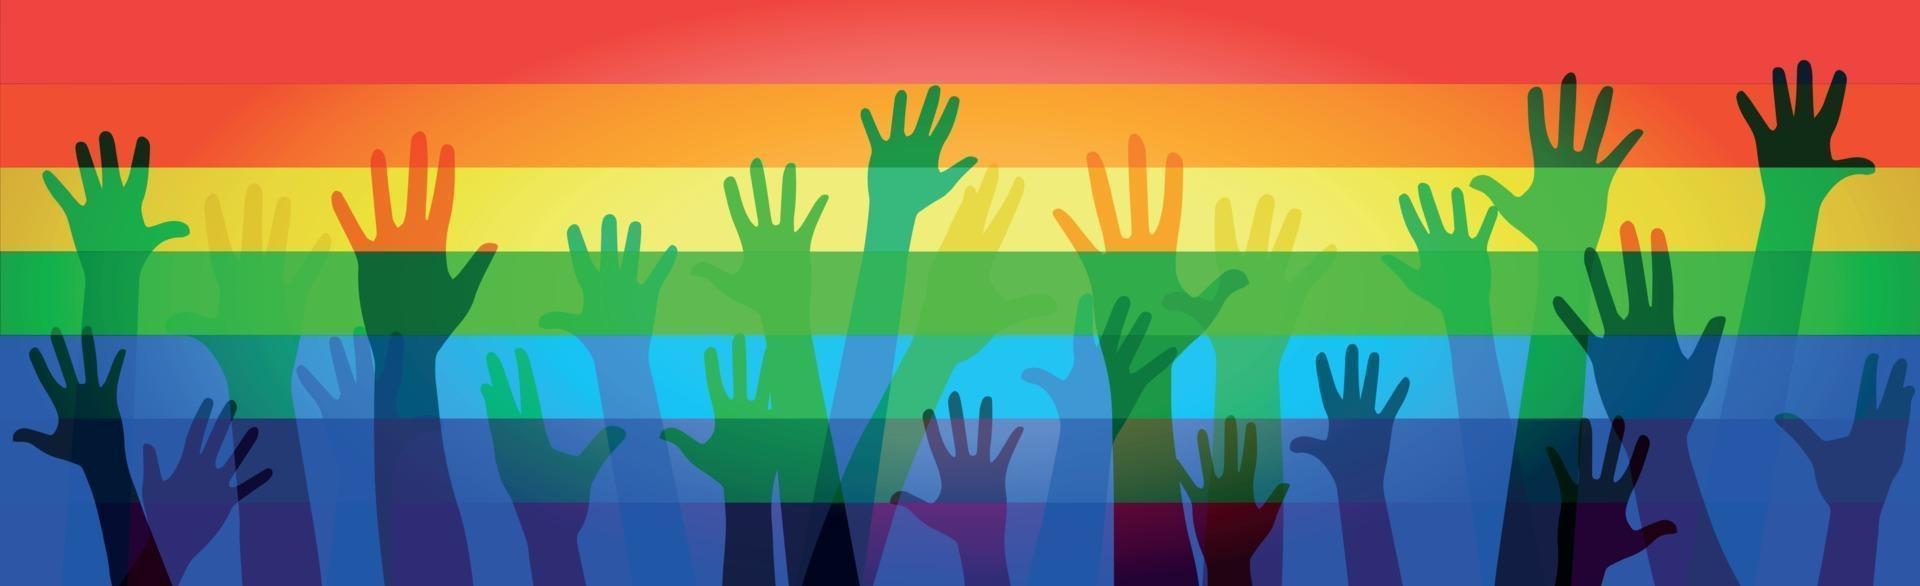 många flerfärgade händer på en regnbågsflagga vektor